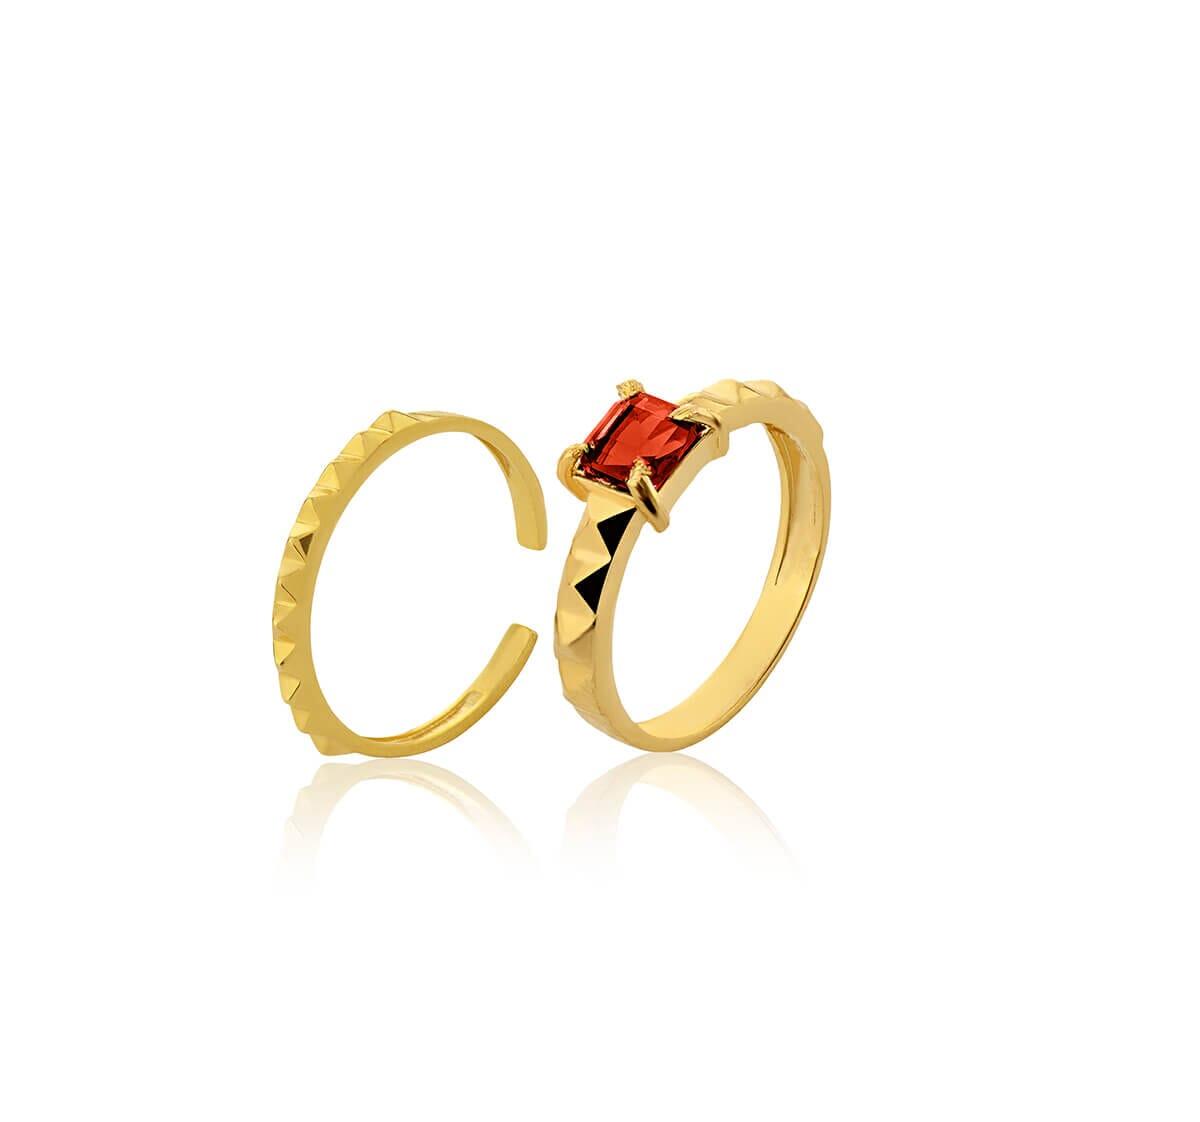 Anel Duplo Folheado 18k c/ Pedra quadrada rubi vermelha